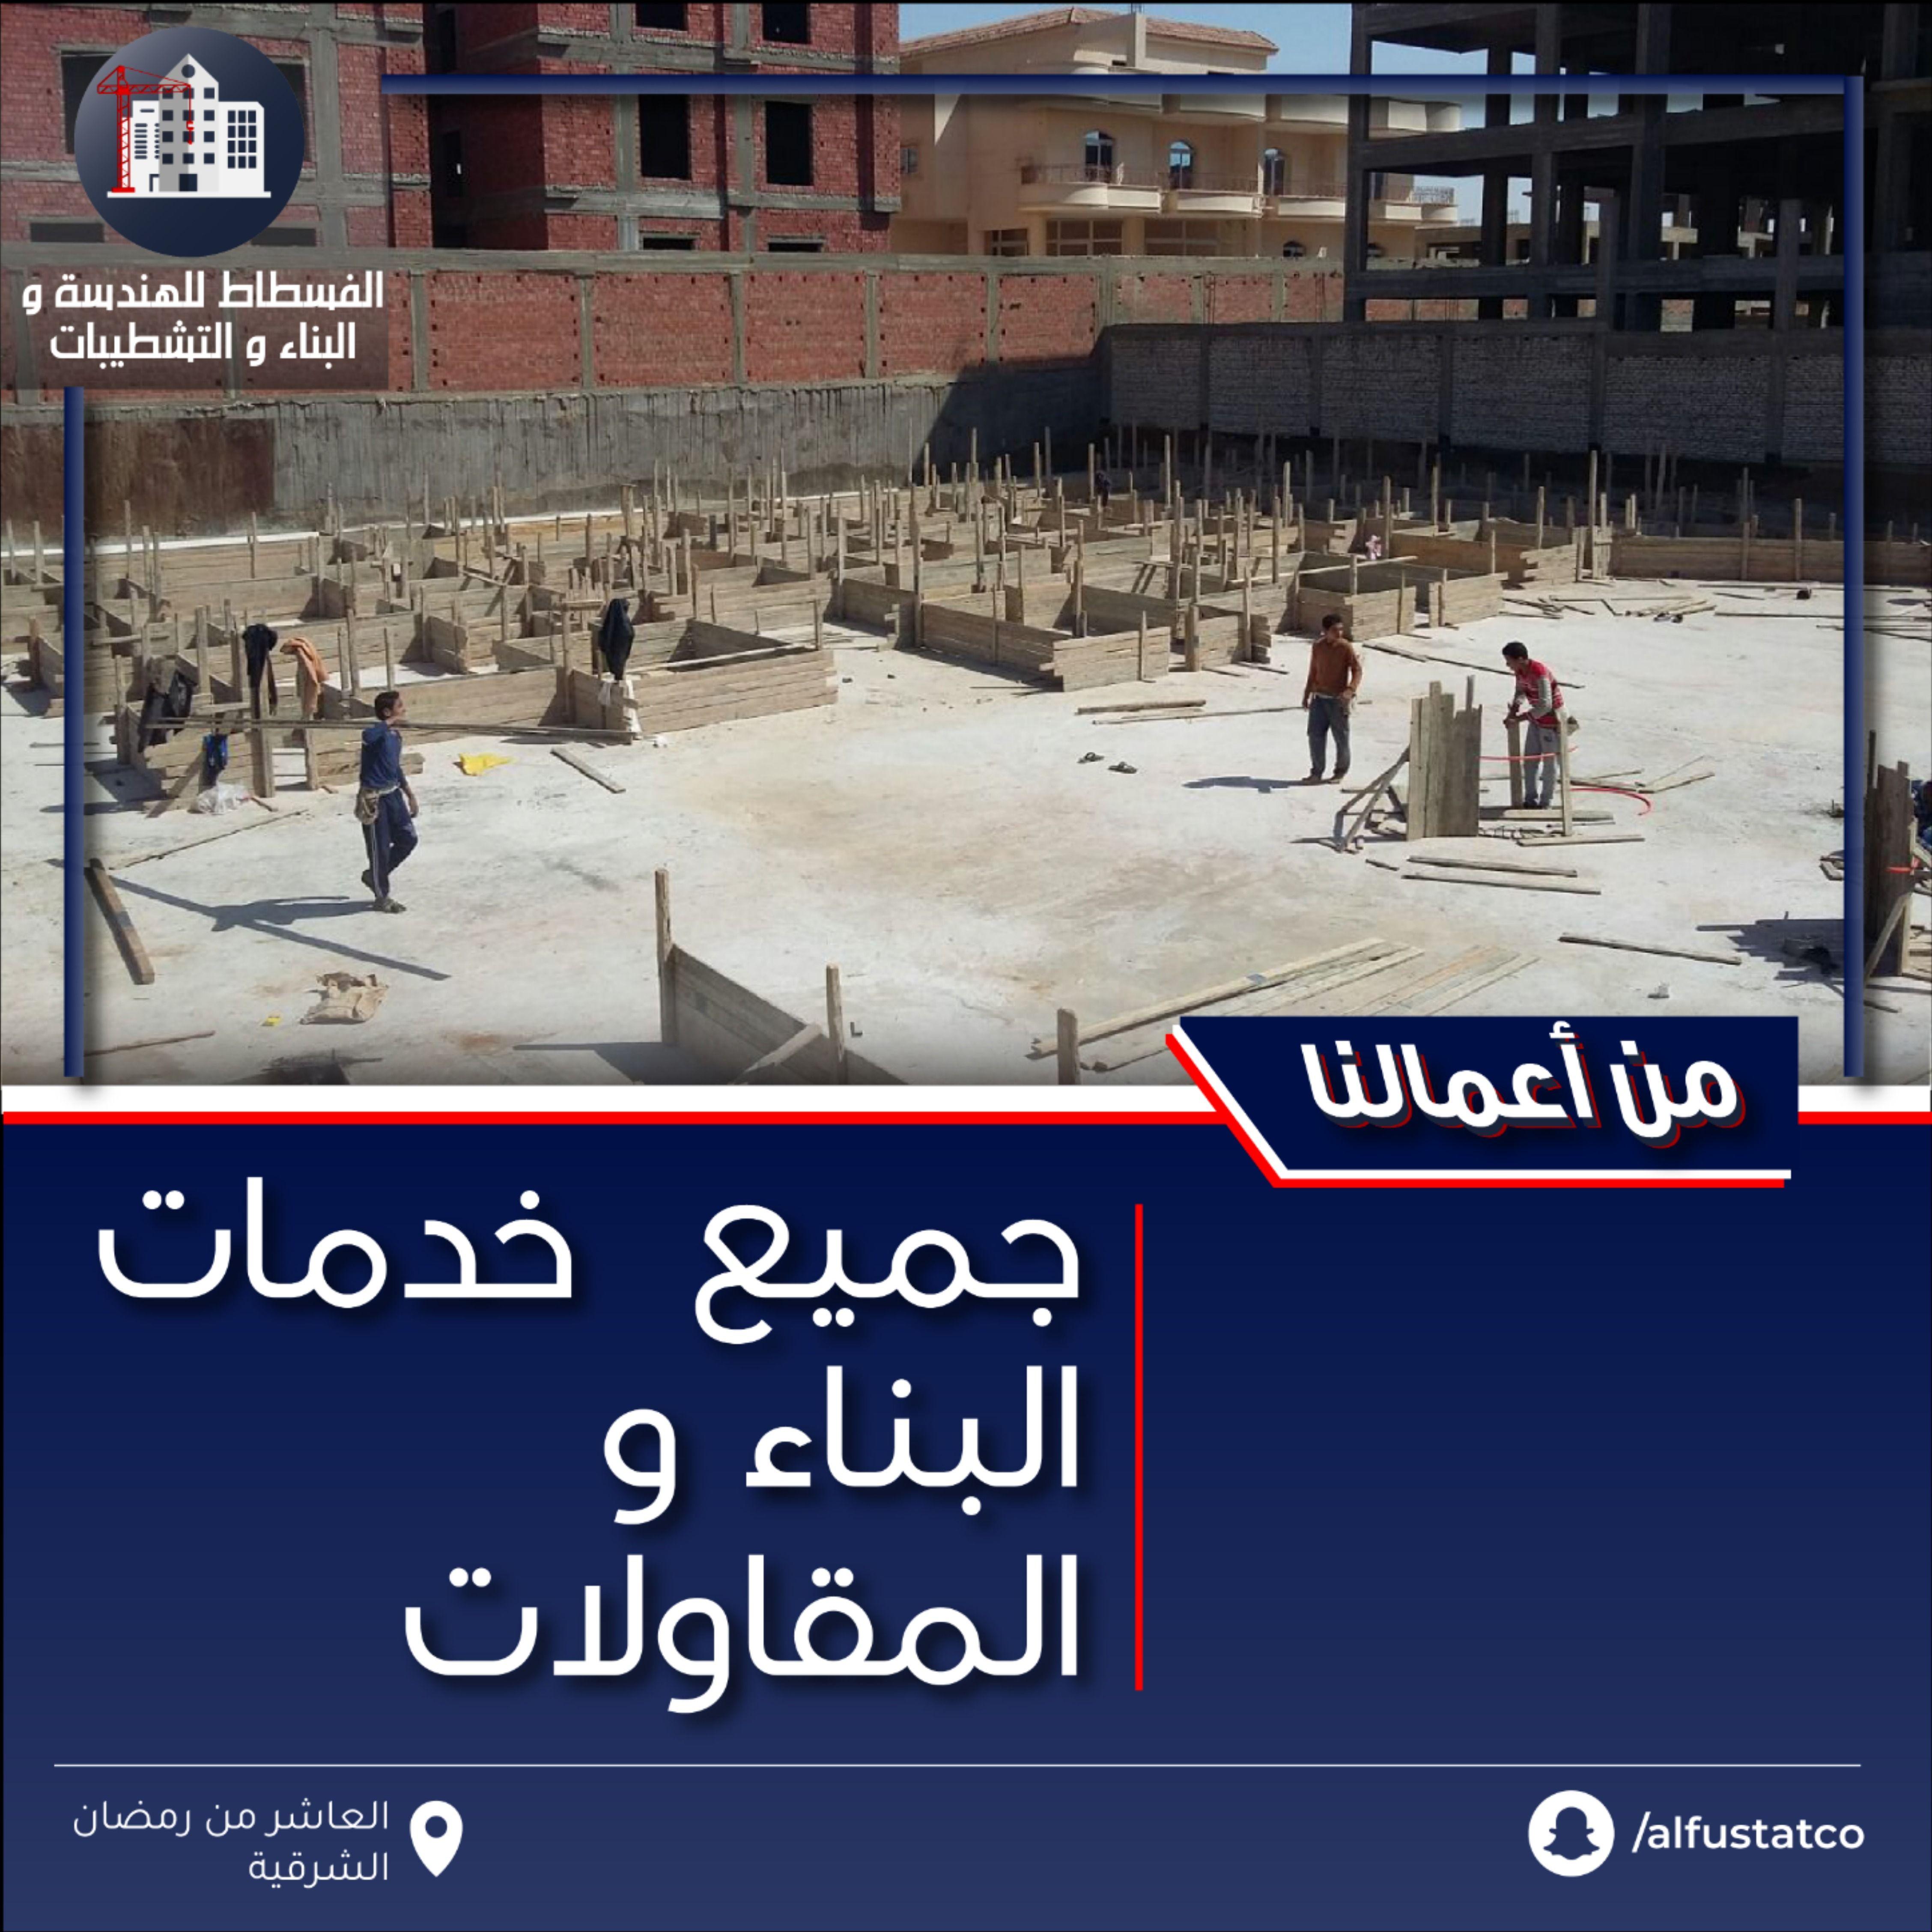 من رمضانبناء في مدينة العاشر Cairo Movie Posters Poster